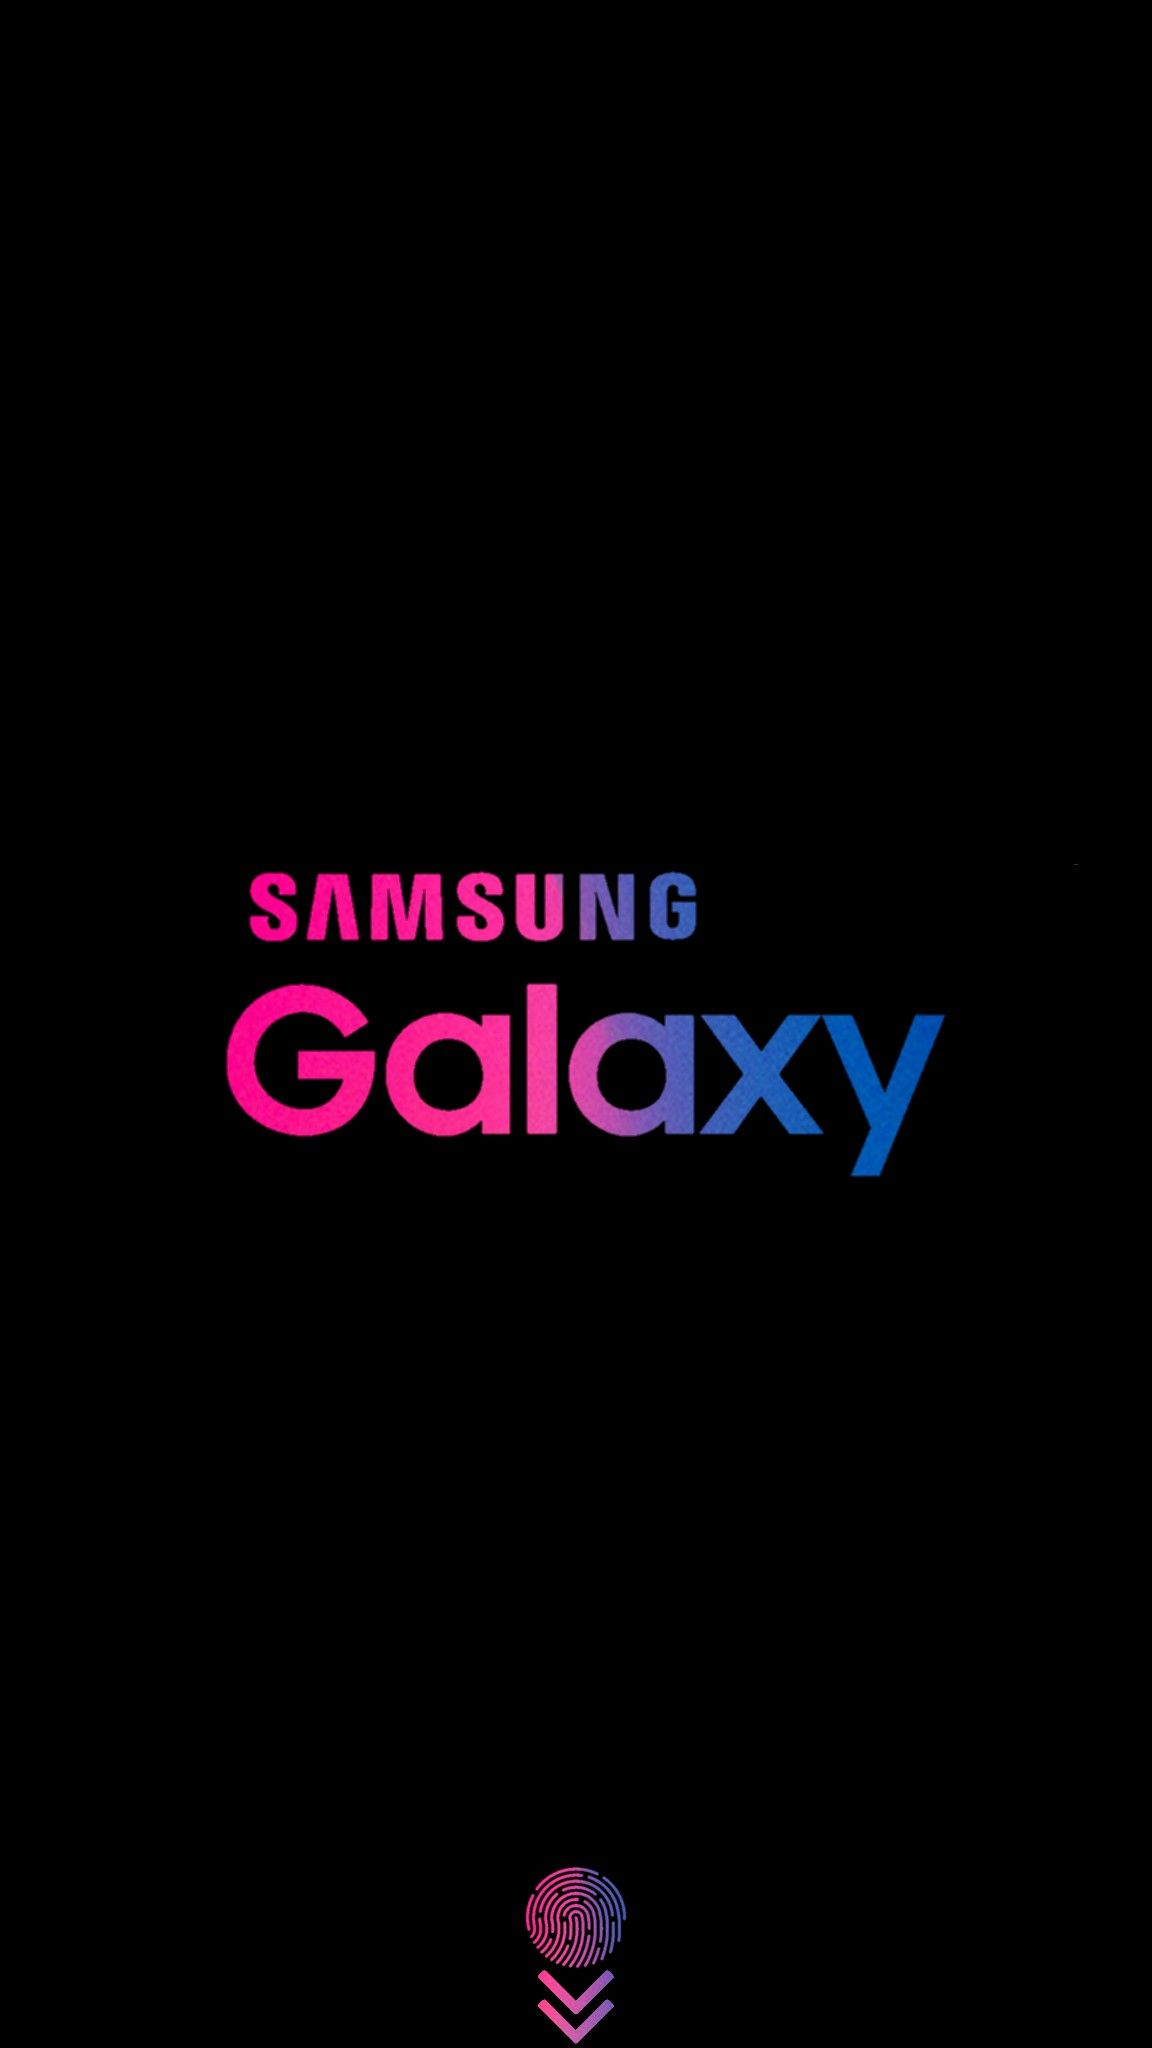 Pin De Matias Leal Em Wallpapers Papel De Parede Samsung Samsung Papel De Parede Papel De Parede Galaxy